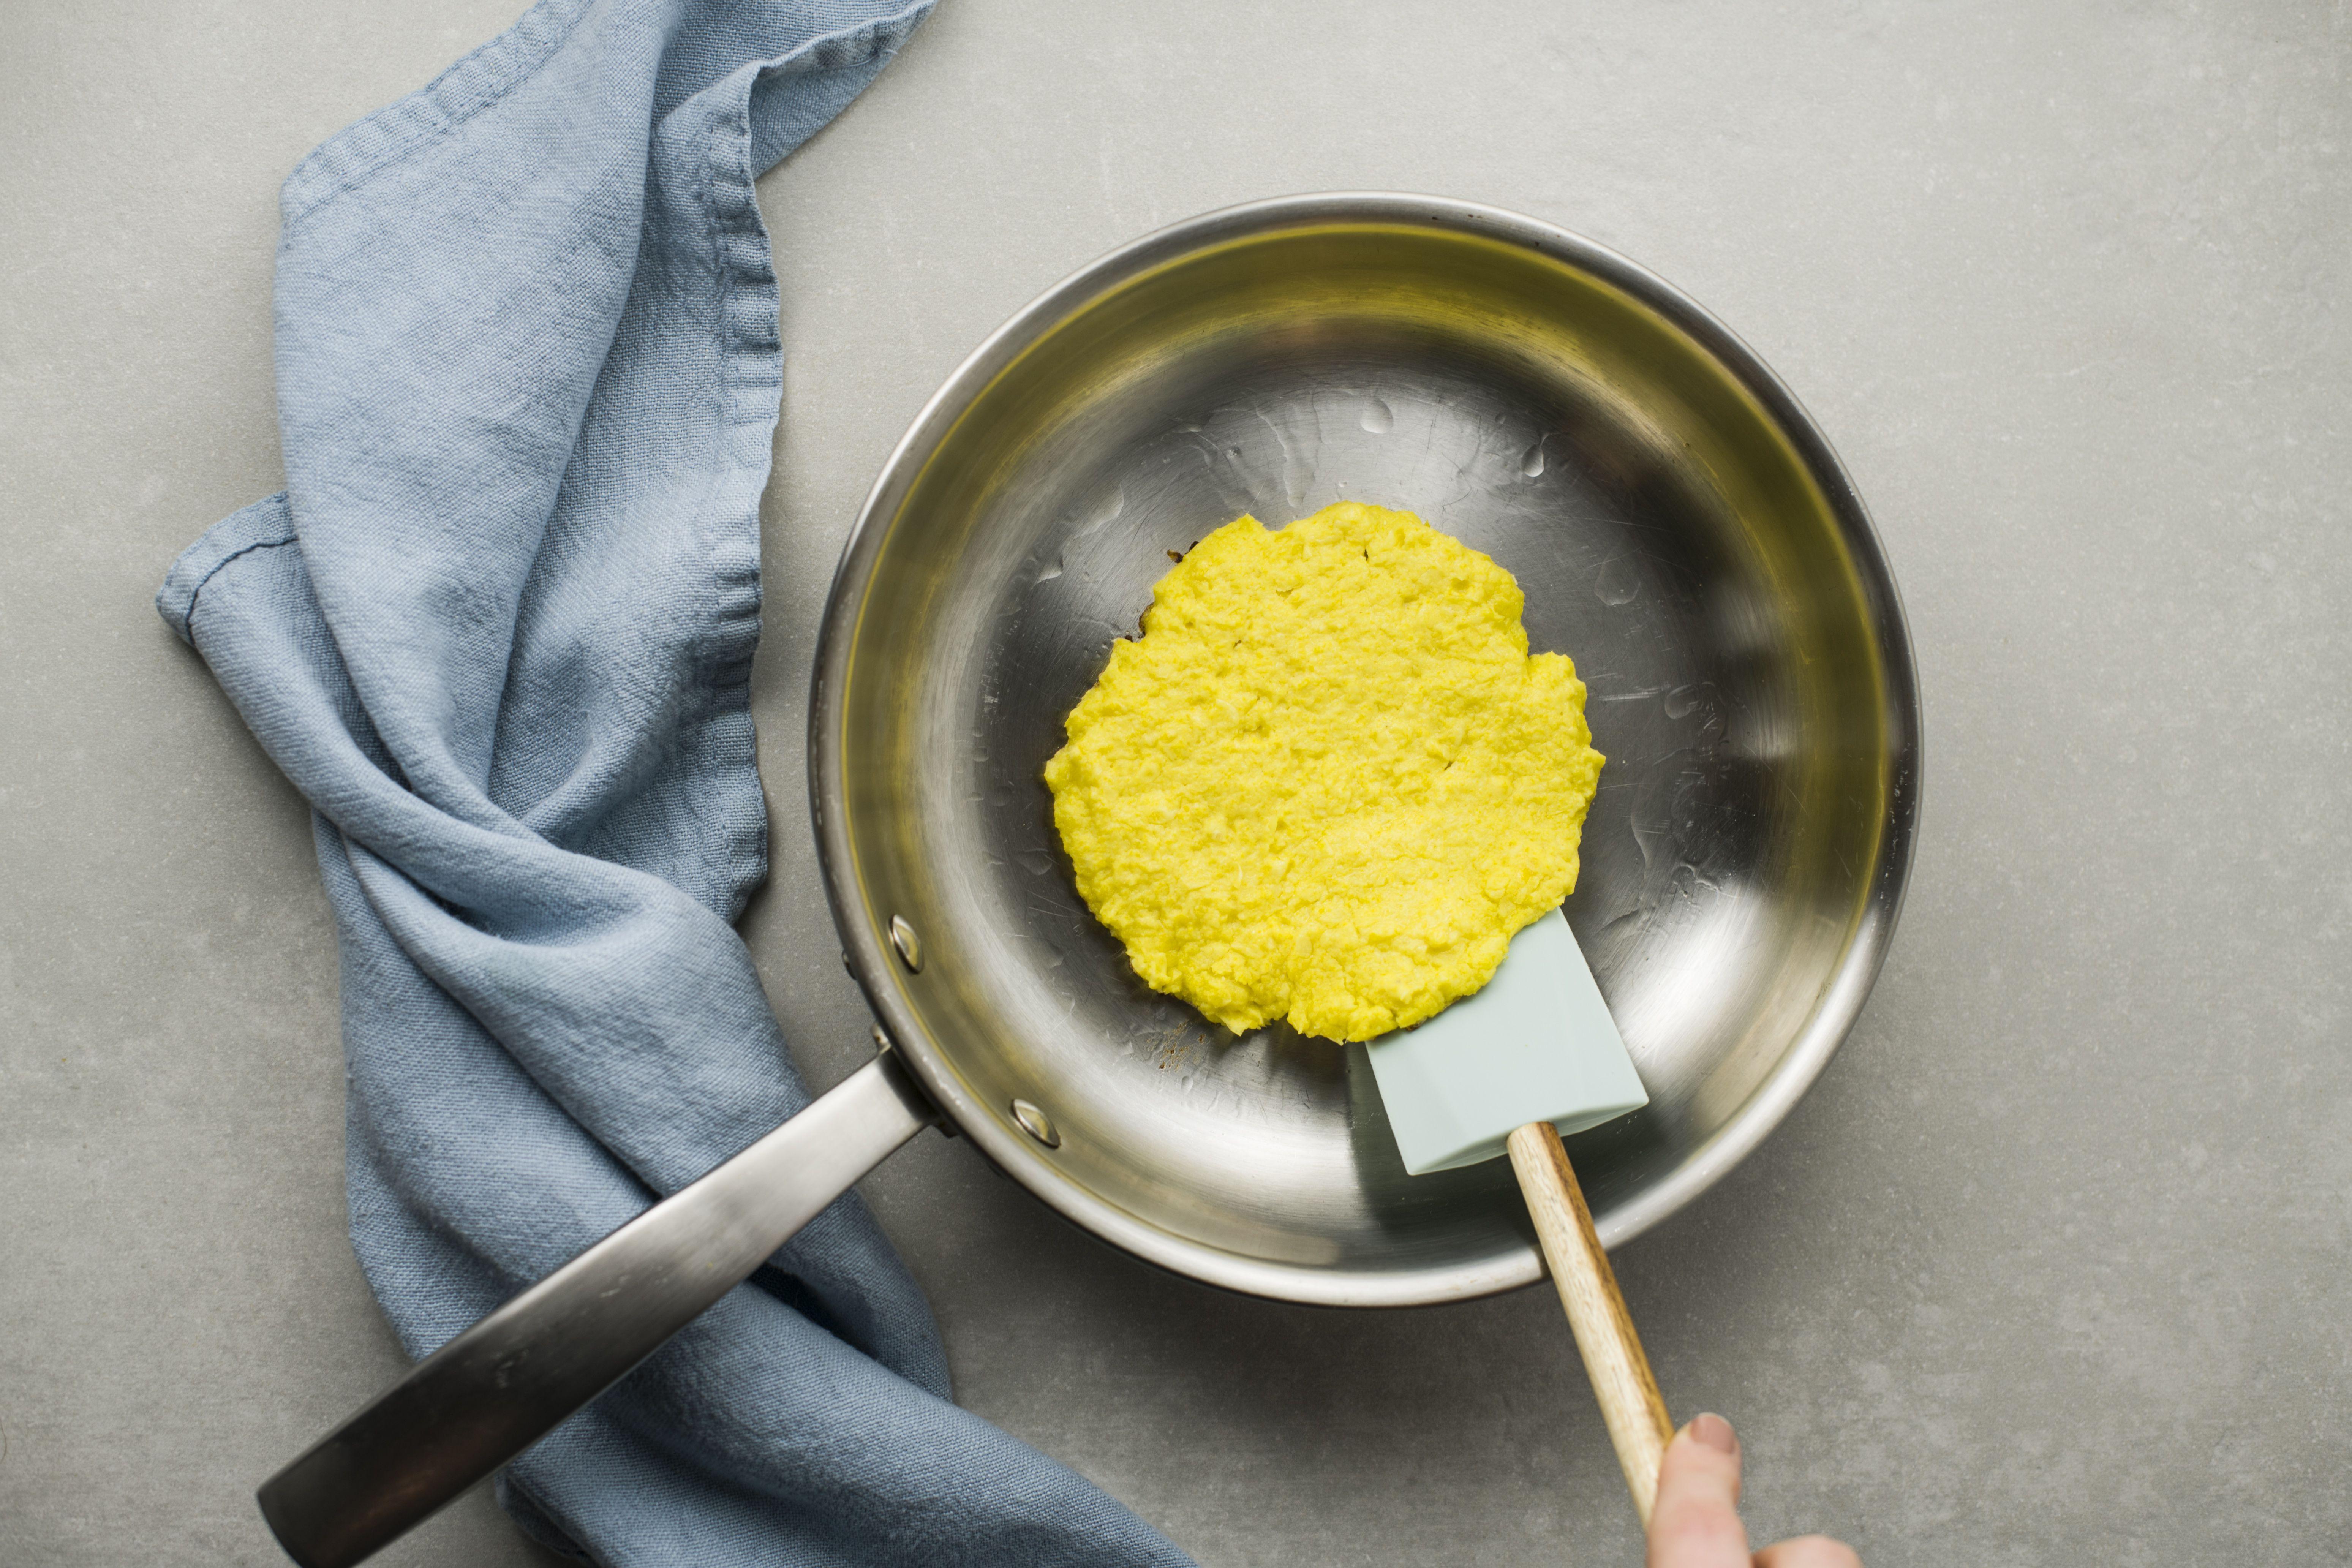 Cook pancake